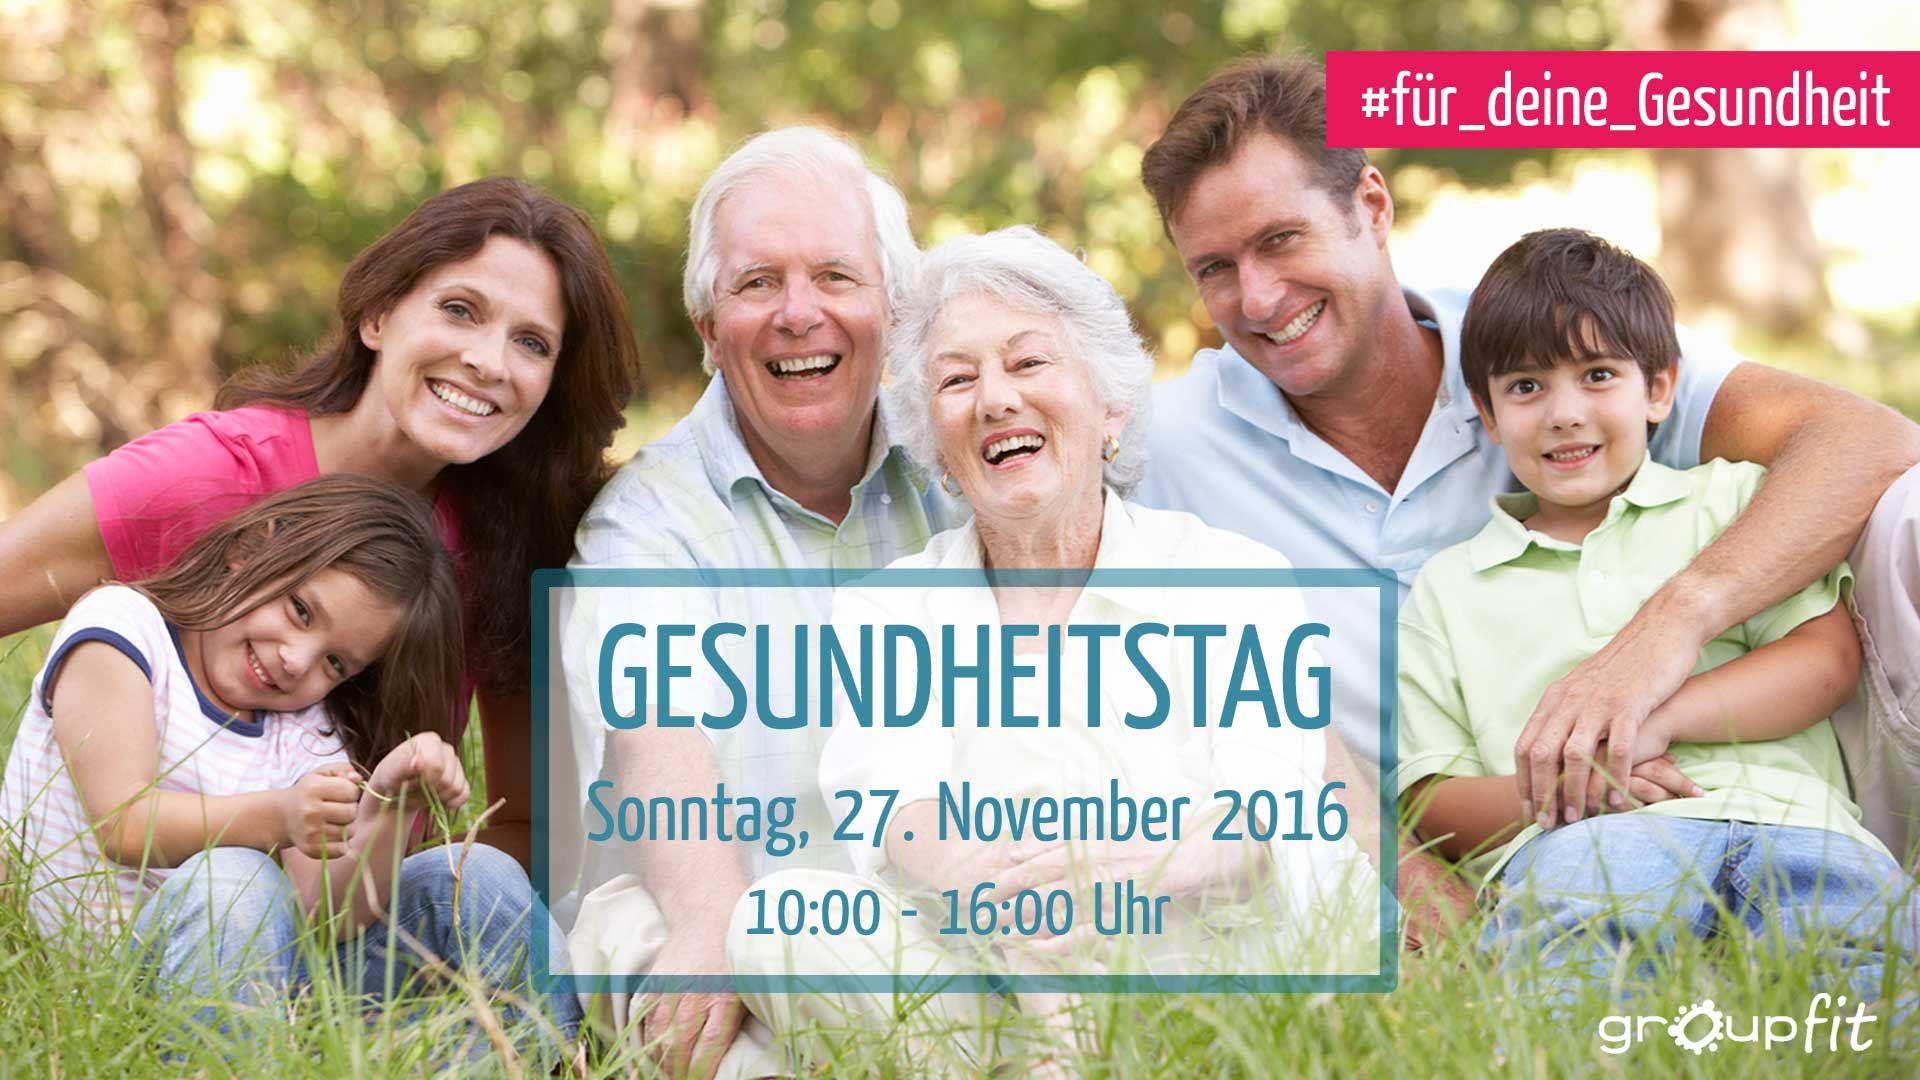 Unter dem Motto #Für_deine_Gesundheit , findet am 27. November 2016 unser Gesundheitstag statt. Von 10:00 – 16:00 Uhr könnt Ihr an verschiedenen Kursen und Vorträgen zum Thema Gesundheit teilnehmen.  Anmeldung unter www.groupfit.de/gesundheitstag/ Eintrittspreis: 25,- €